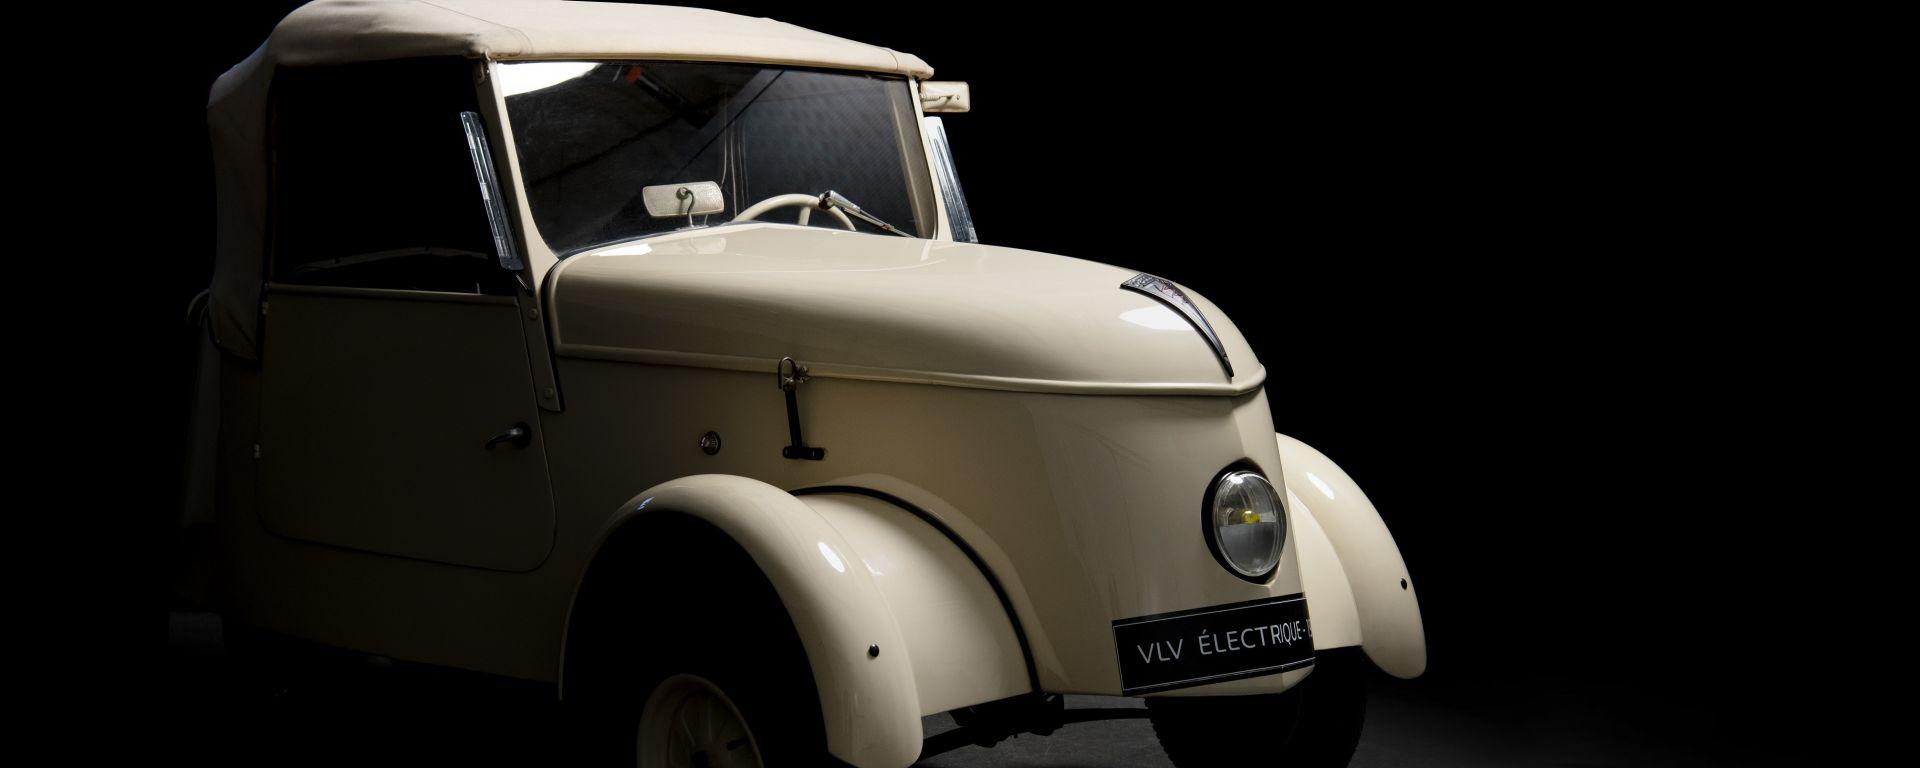 Peugeot VLV: la prima elettrica del Leone